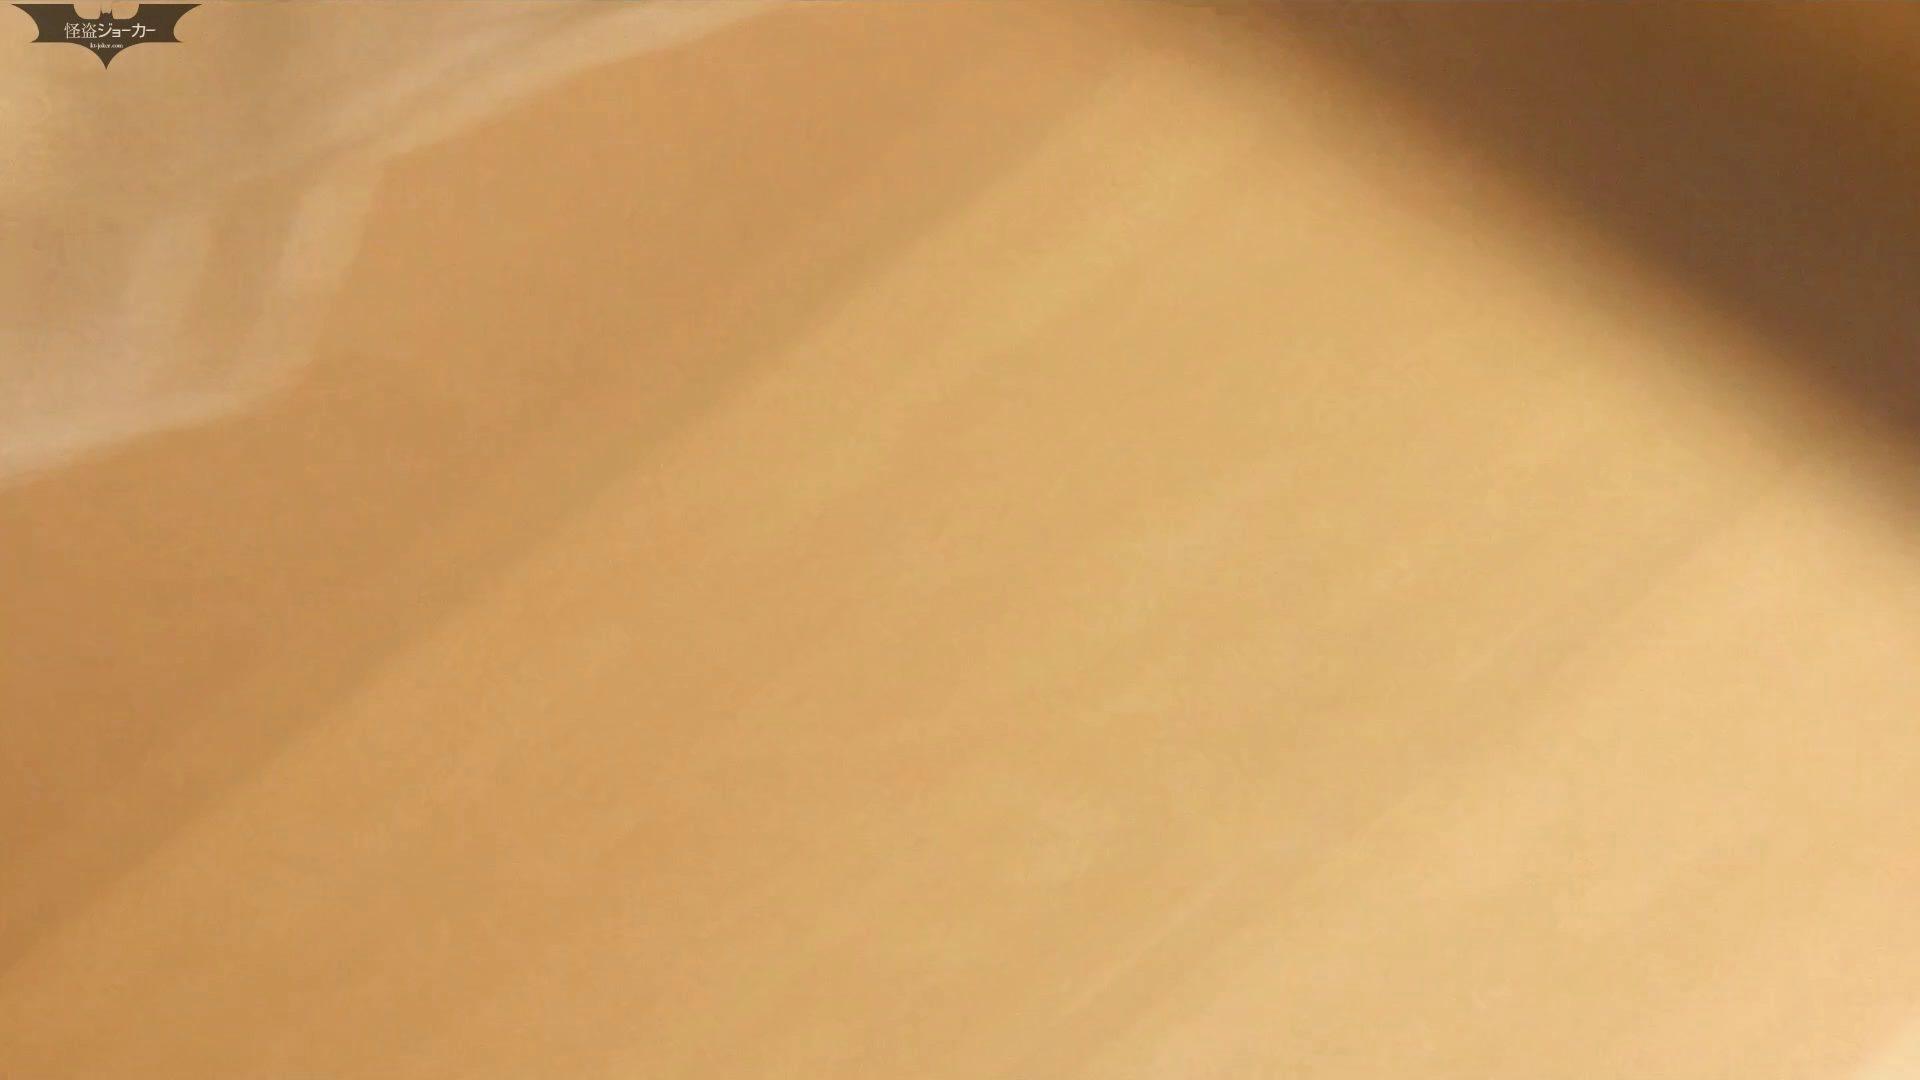 阿国ちゃんの和式洋式七変化 Vol.25 ん?突起物が・・・。 丸見えマンコ | 和式  96画像 79